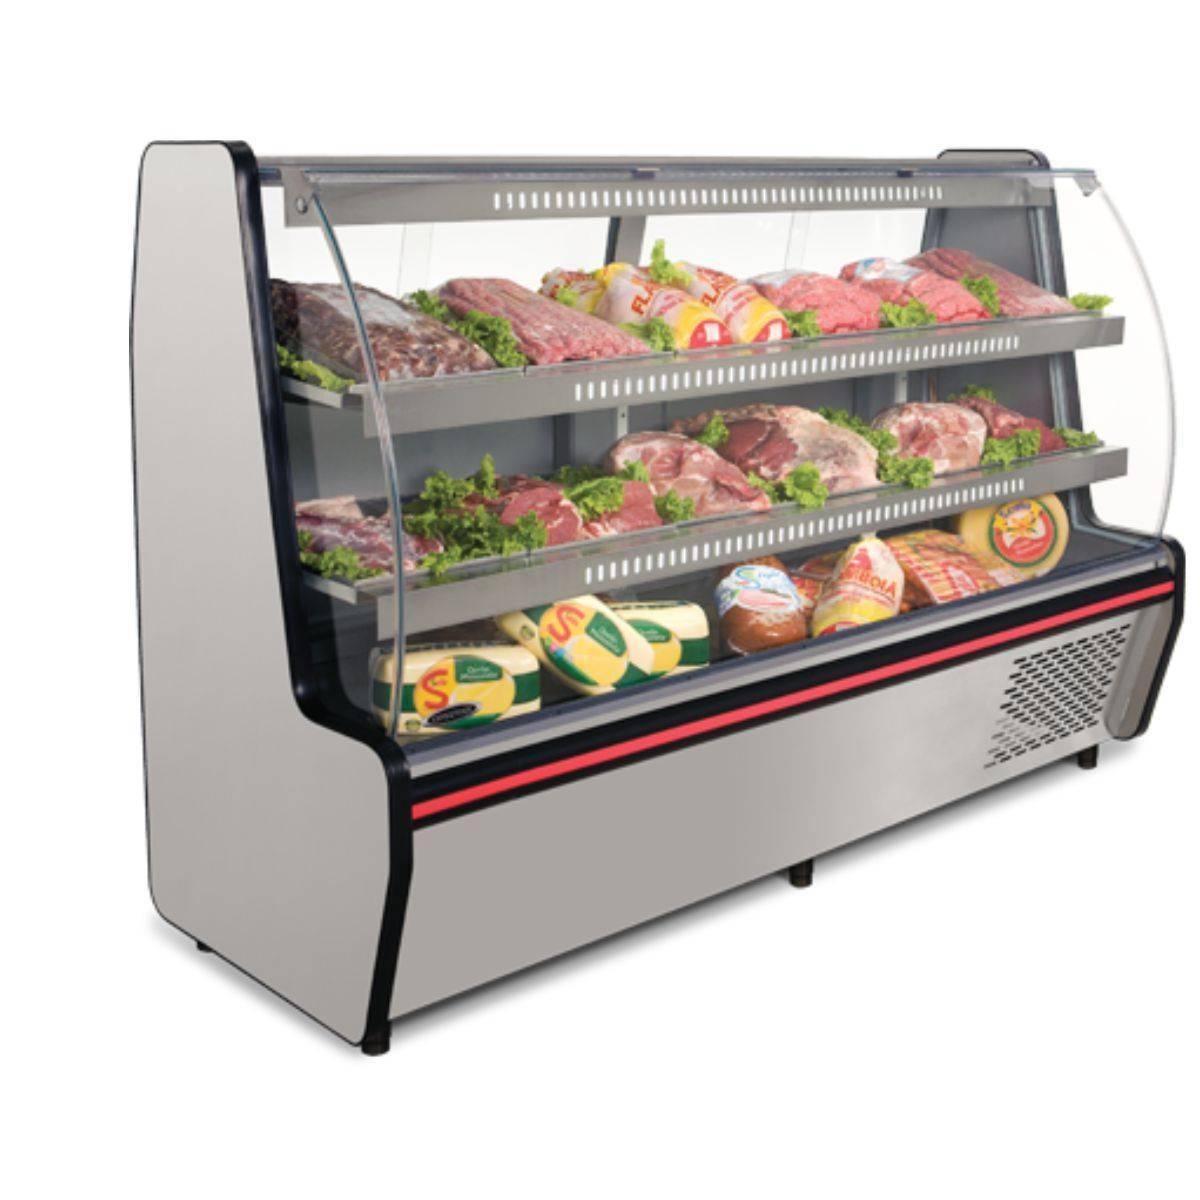 Balcão Refrigerado Visorâmico 2 Pistas VIS-200 Conservex - Magazine do Chef